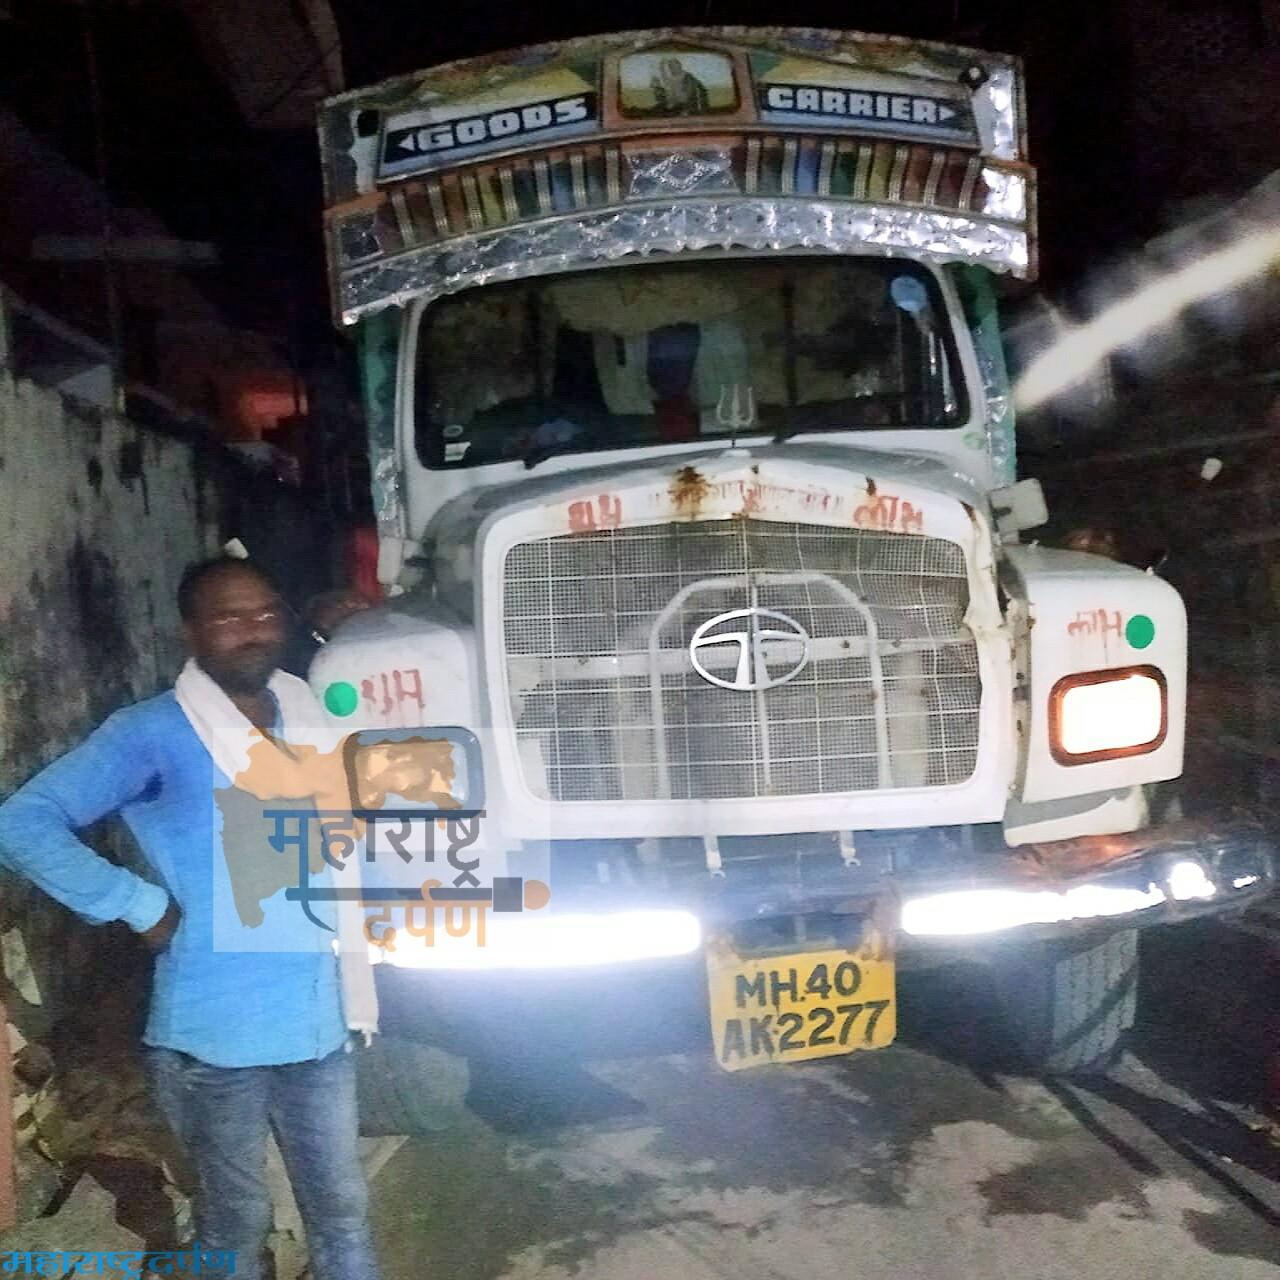 तुकाराम नगरची नाली तोडणा-या ट्रक व चालकावर कारवाई करा :  शेंदरे, पाटील यांची मागणी